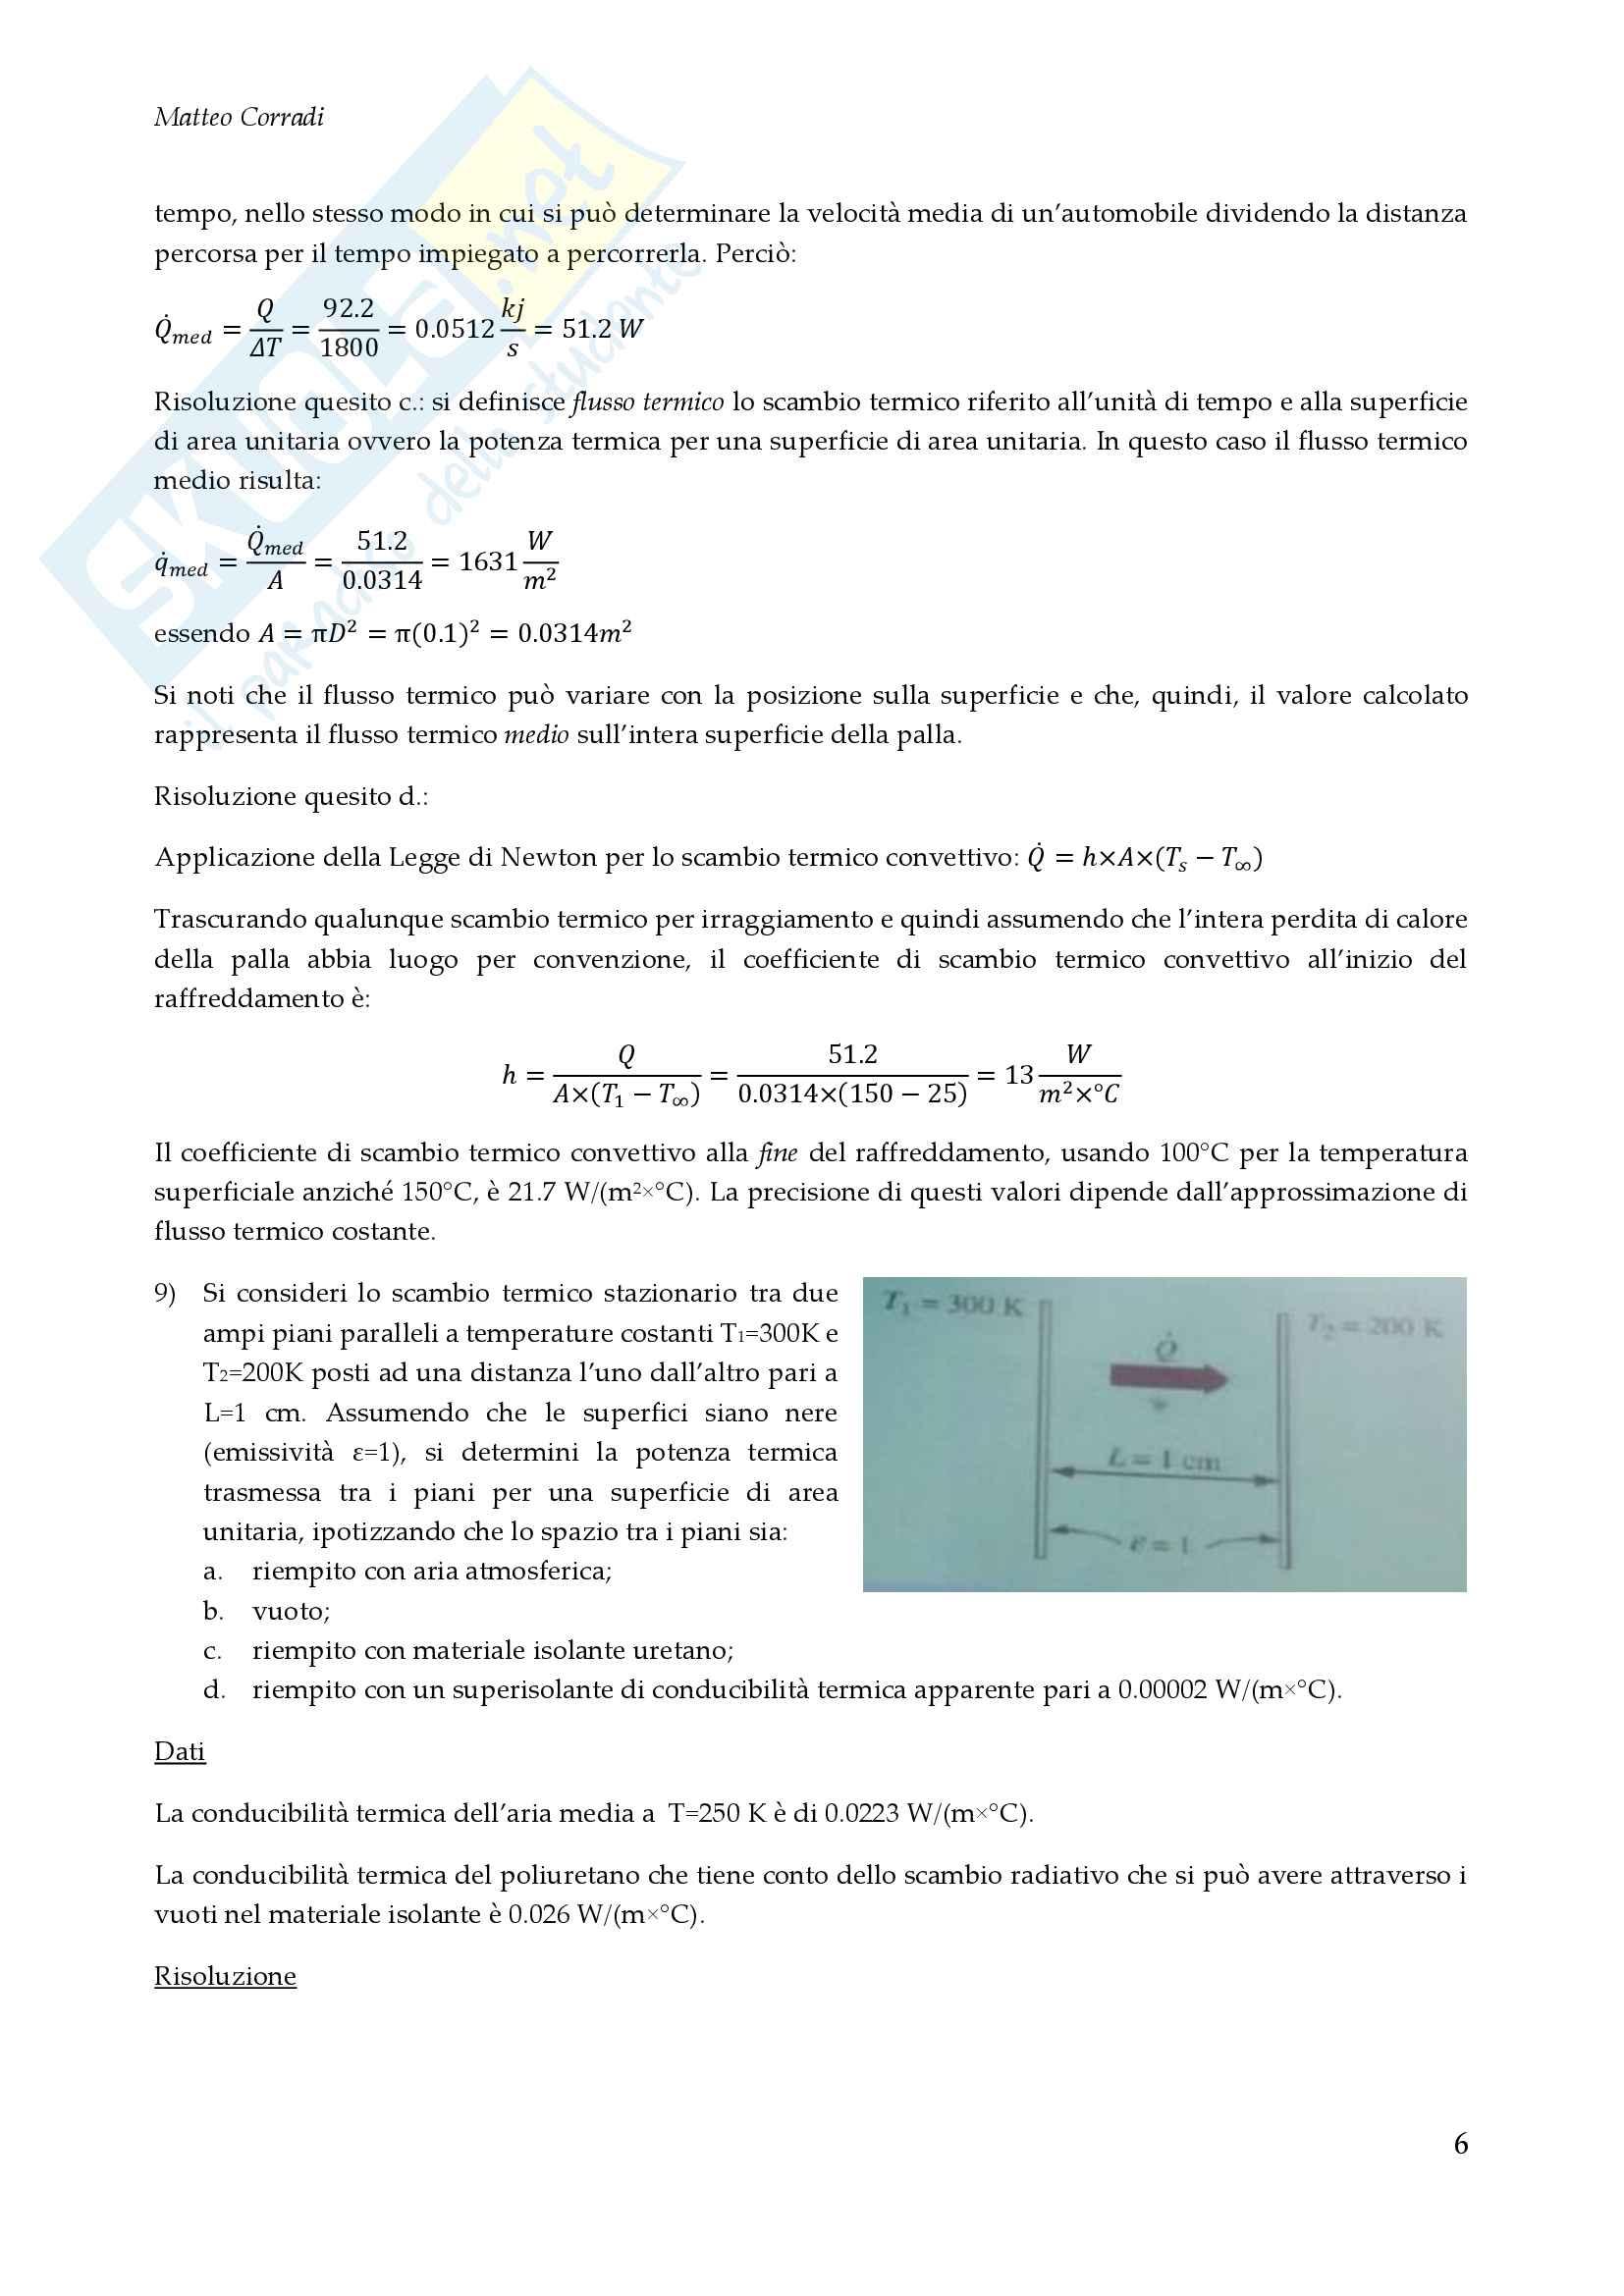 Fisica Tecnica Esercizi Risolti Pag. 6